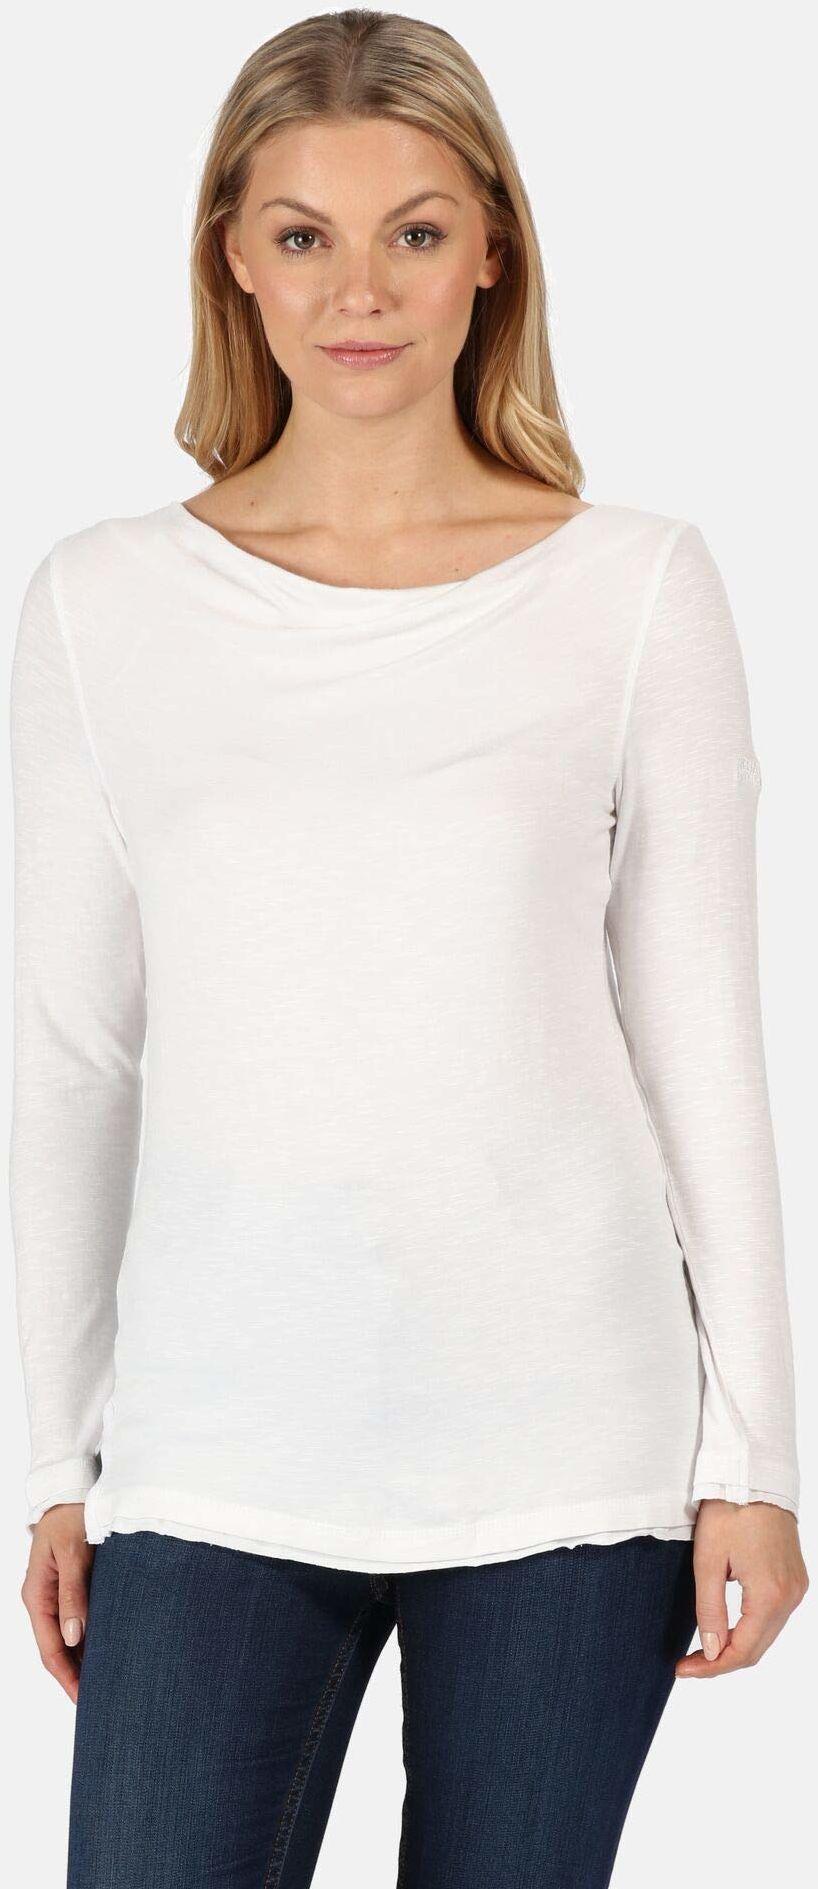 Regatta Damska koszulka z długim rękawem z dekoltem typu kropelka, koszulka polo, kamizelki biały 42